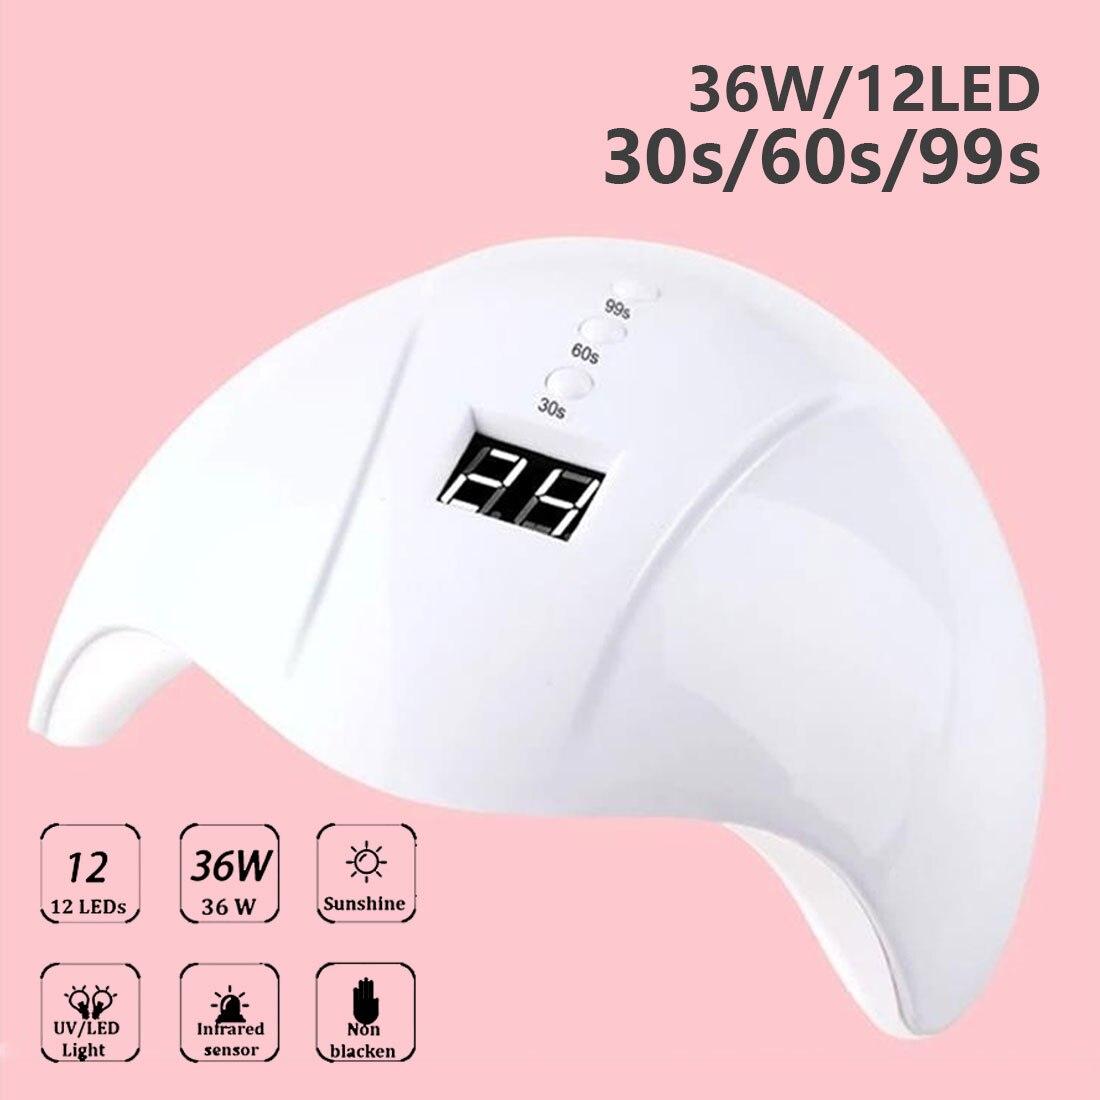 Сушилка для ногтей 36/6 Вт для отверждения ногтей 30 s/60 s/99 s таймер для ногтей Светодиодная УФ-лампа для всех гелей 12/3 светодиодов УФ-лампа USB ра...